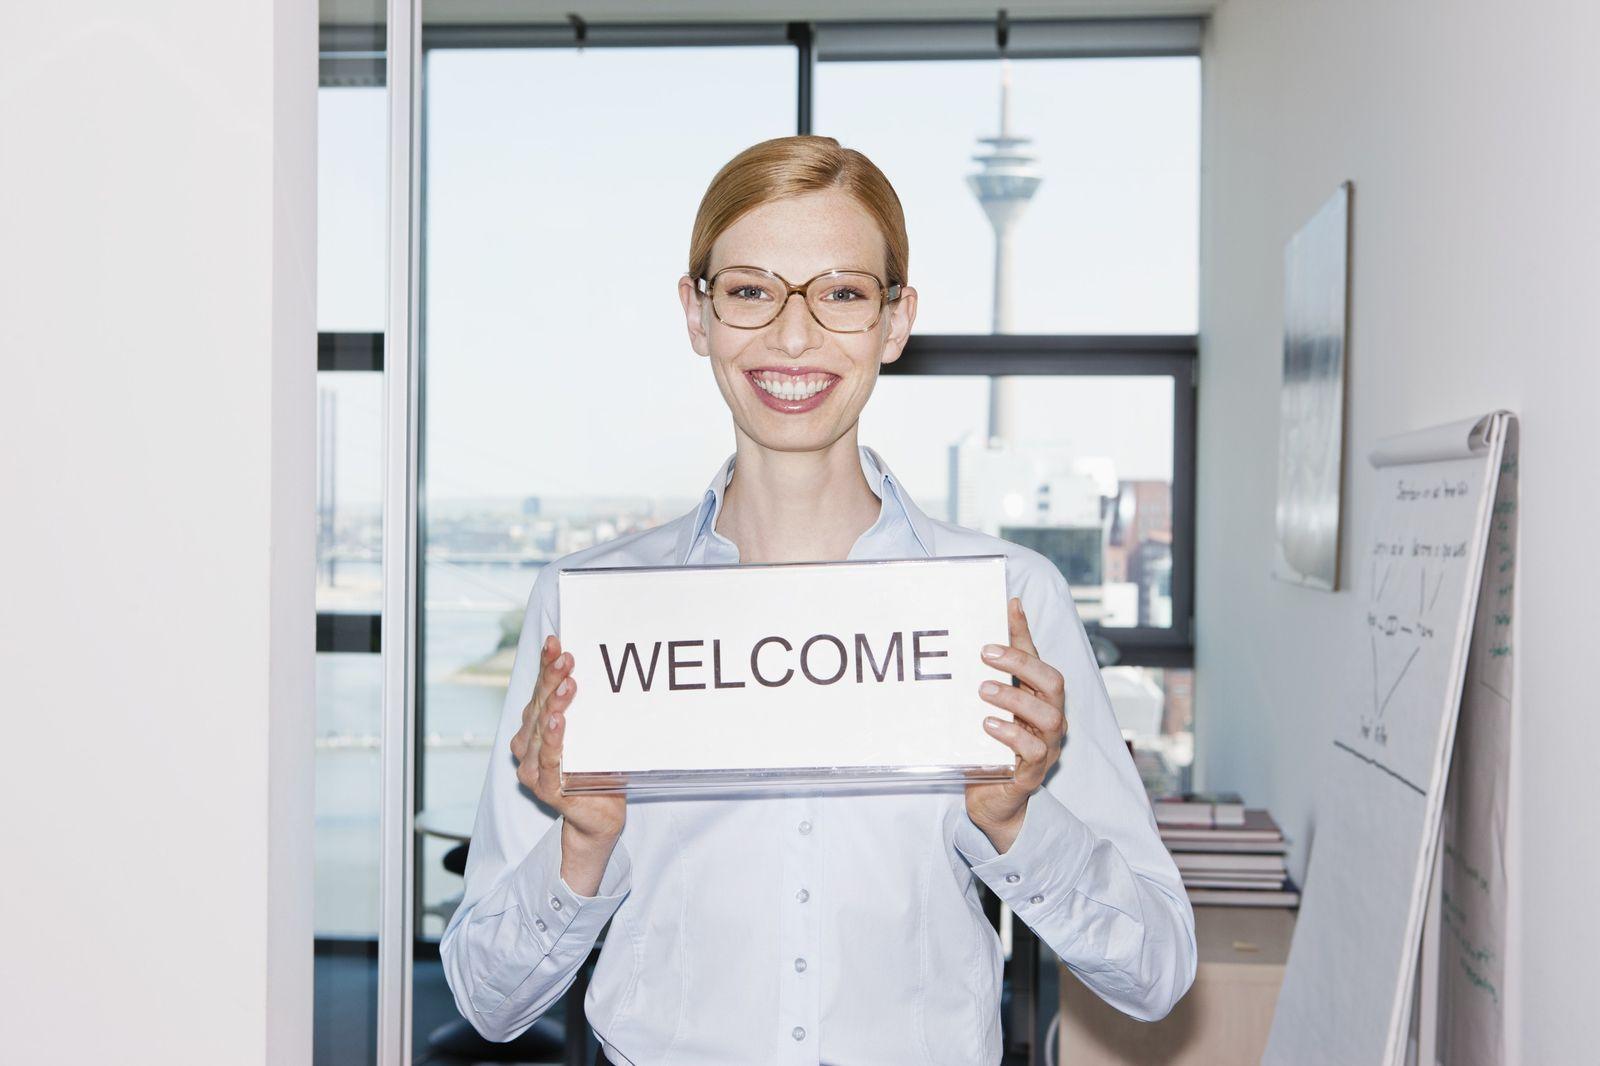 NICHT MEHR VERWENDEN! - KaSP Willkommen Welcome Büro Neuling SYMBOLBILD